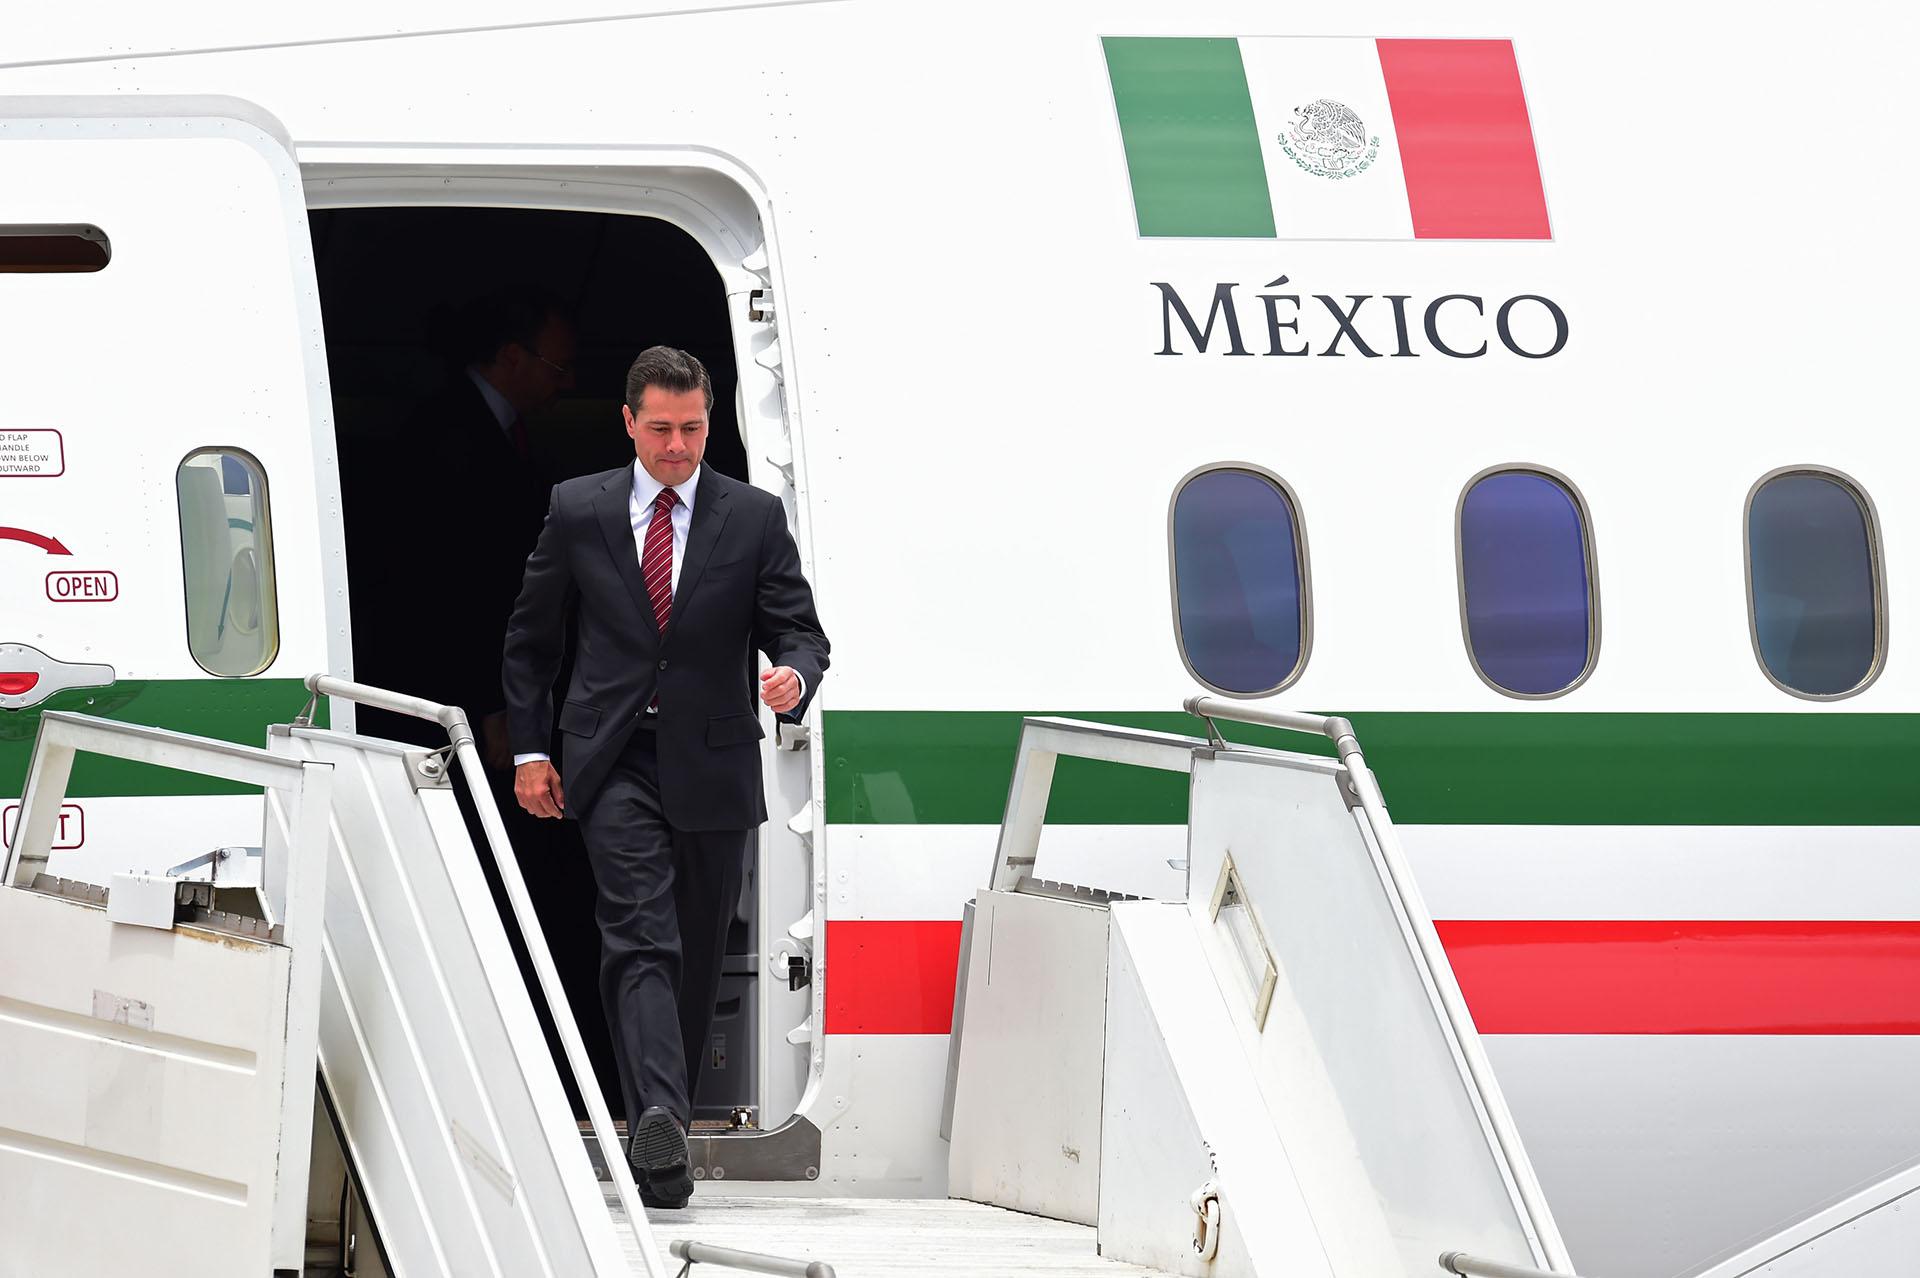 El presidente de México Enrique Peña Nieto, quien mañana traspasará el mando a Manuel López Obrador, baja del avión oficial (AFP)